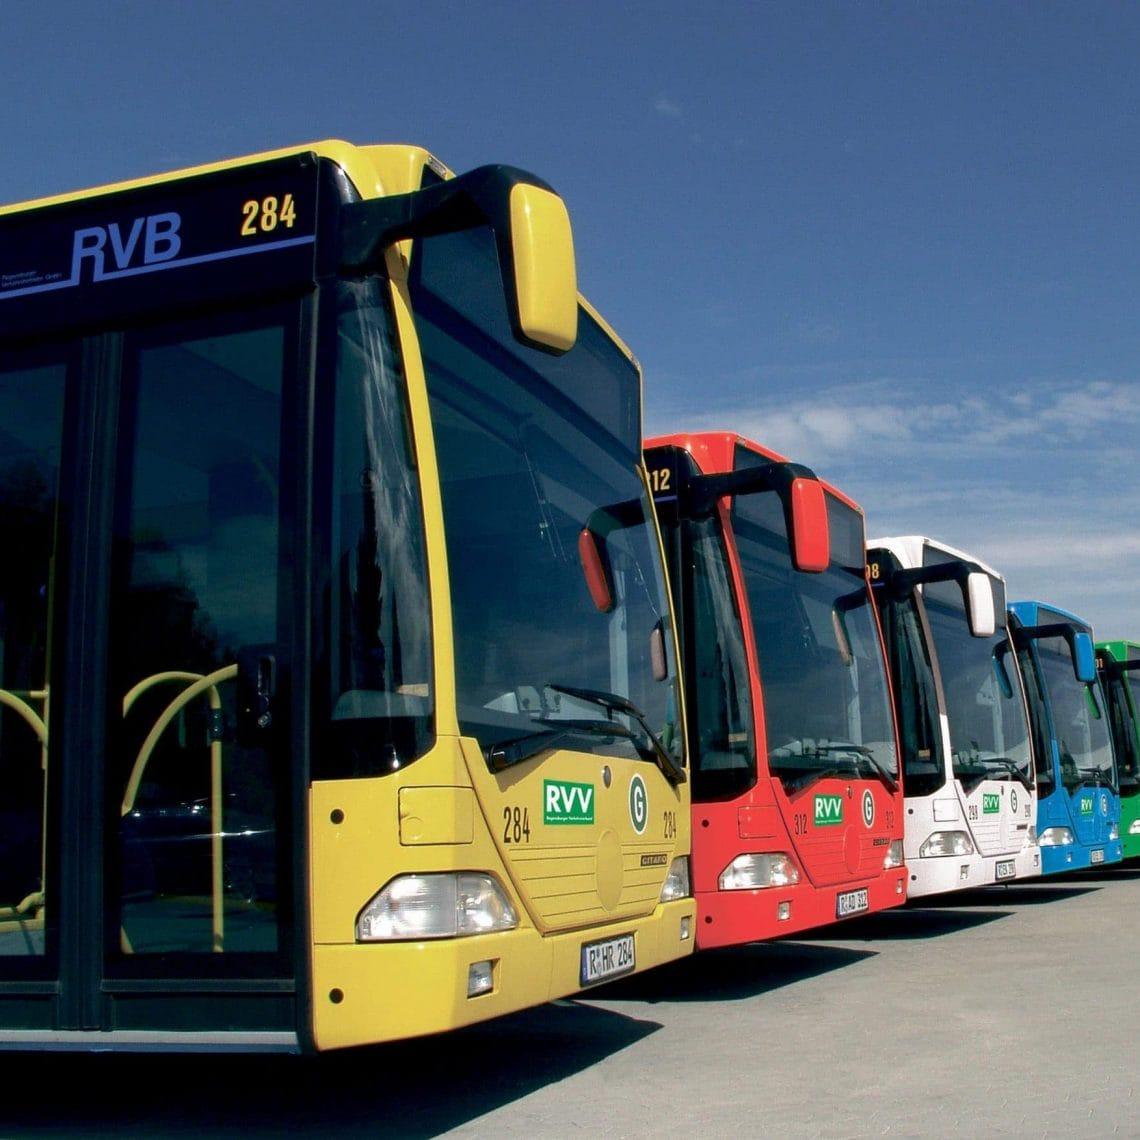 Mit dem ÖPNV schneller nach Straubing MdL Sylvia Stierstorfer will eine bessere Busverbindung von Regensburg aus